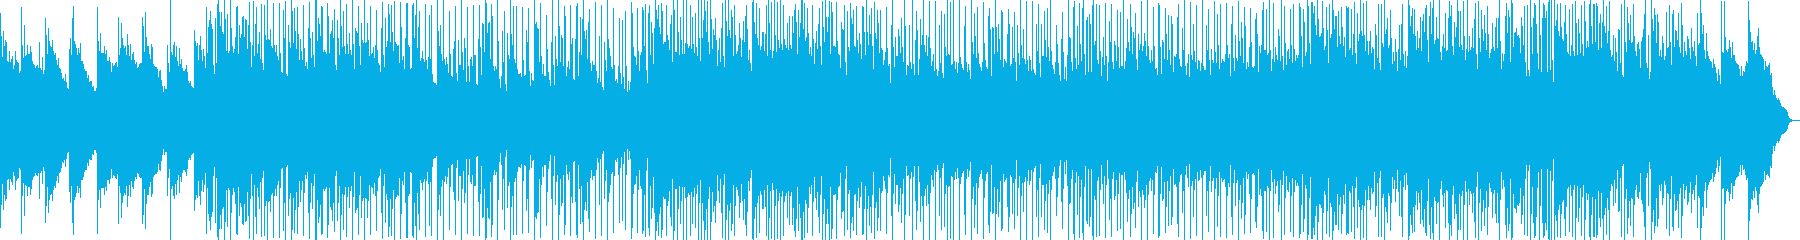 法人 技術的な 感情的 説明的 勝...の再生済みの波形